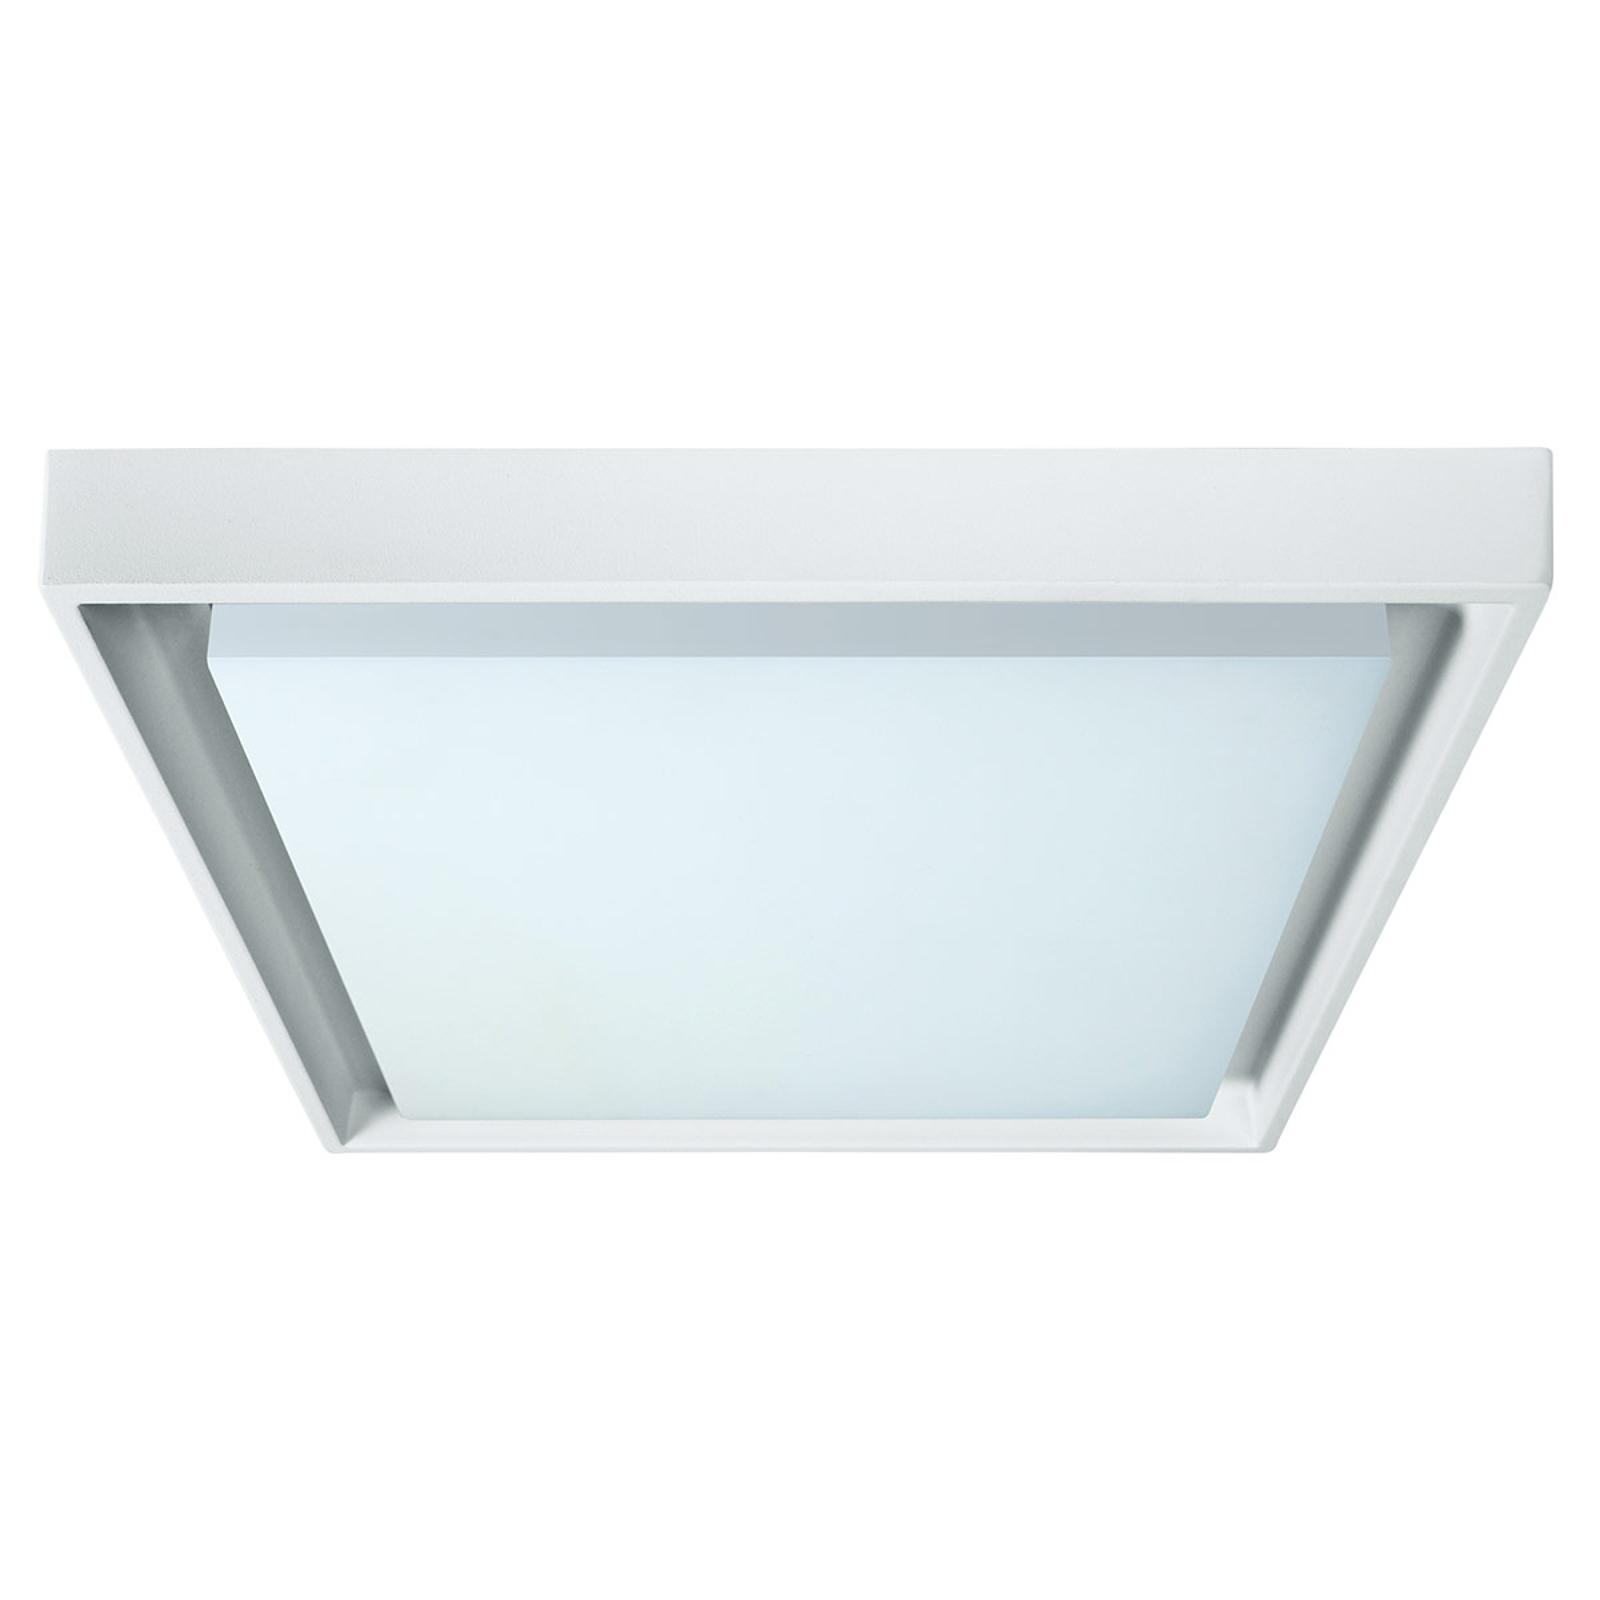 Lampa sufitowa zewnętrzna LED IP54 biała 27 x 27cm